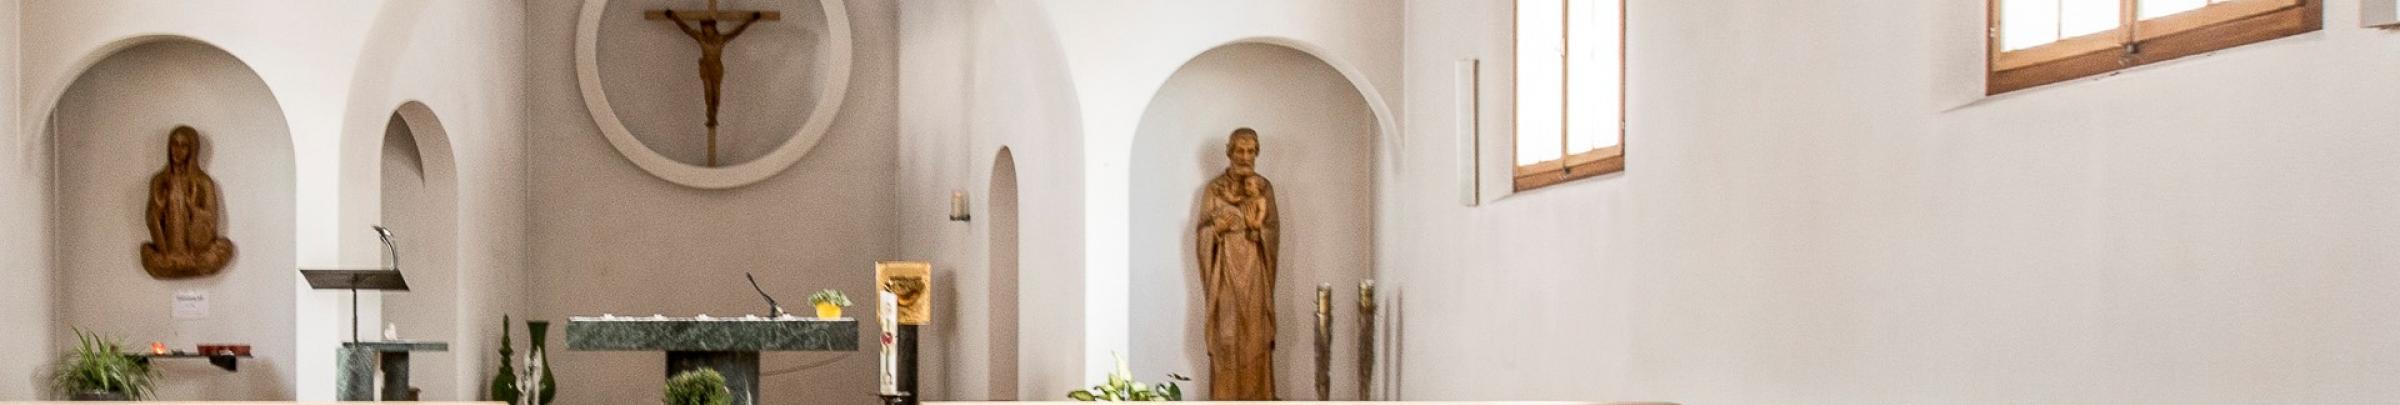 Angebote der Kirchen und Glaubensgemeinschaften für ältere Menschen finden sich u.a. in den Bereichen von Seelsorge, Beratung und Begleitung.